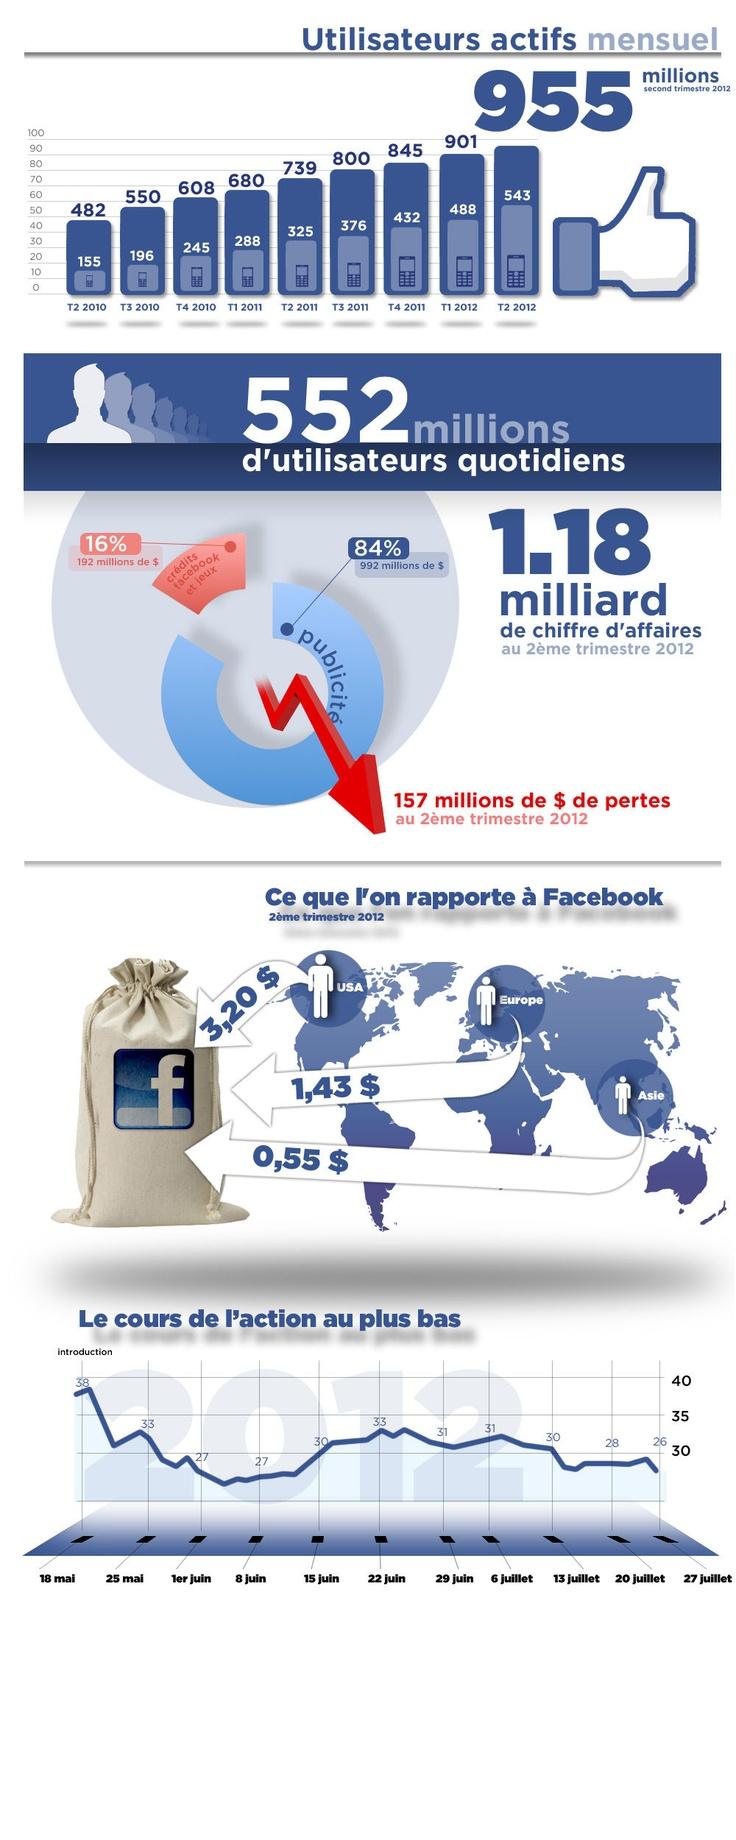 2012-07 Les principaux chiffres révélés par le premier bilan financier de Facebook.